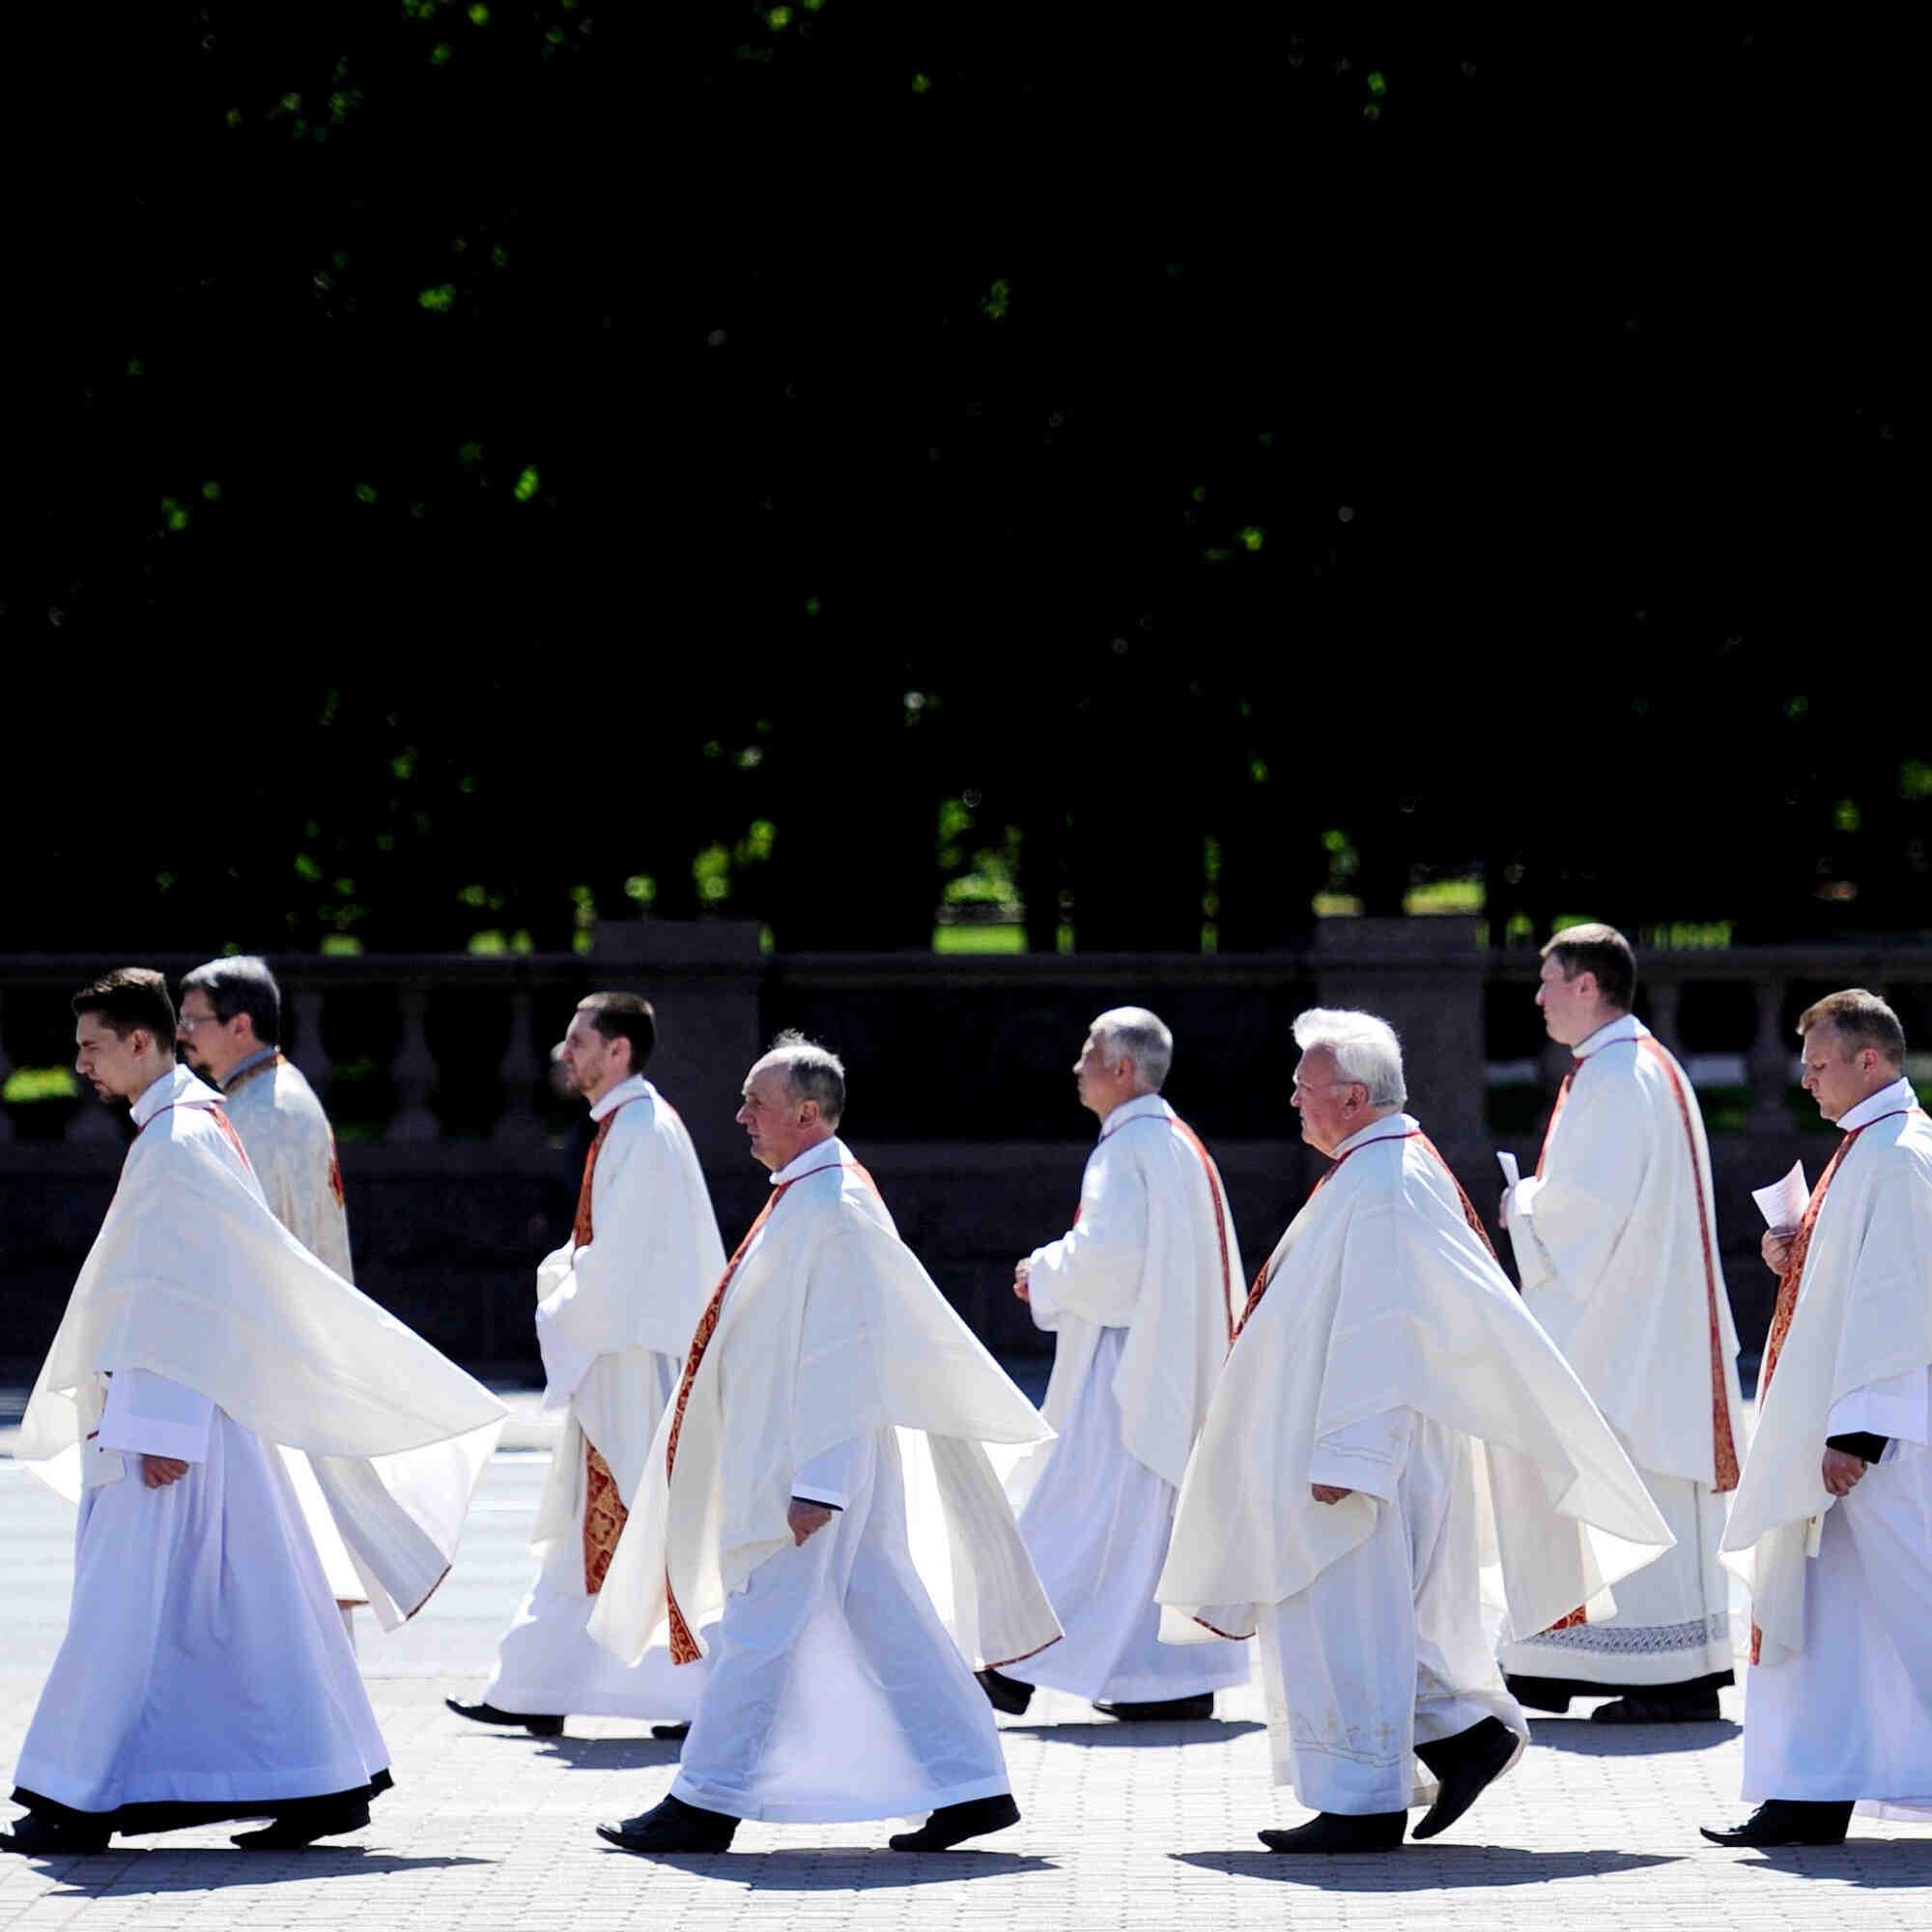 Quels sont les vœux des prêtres ?